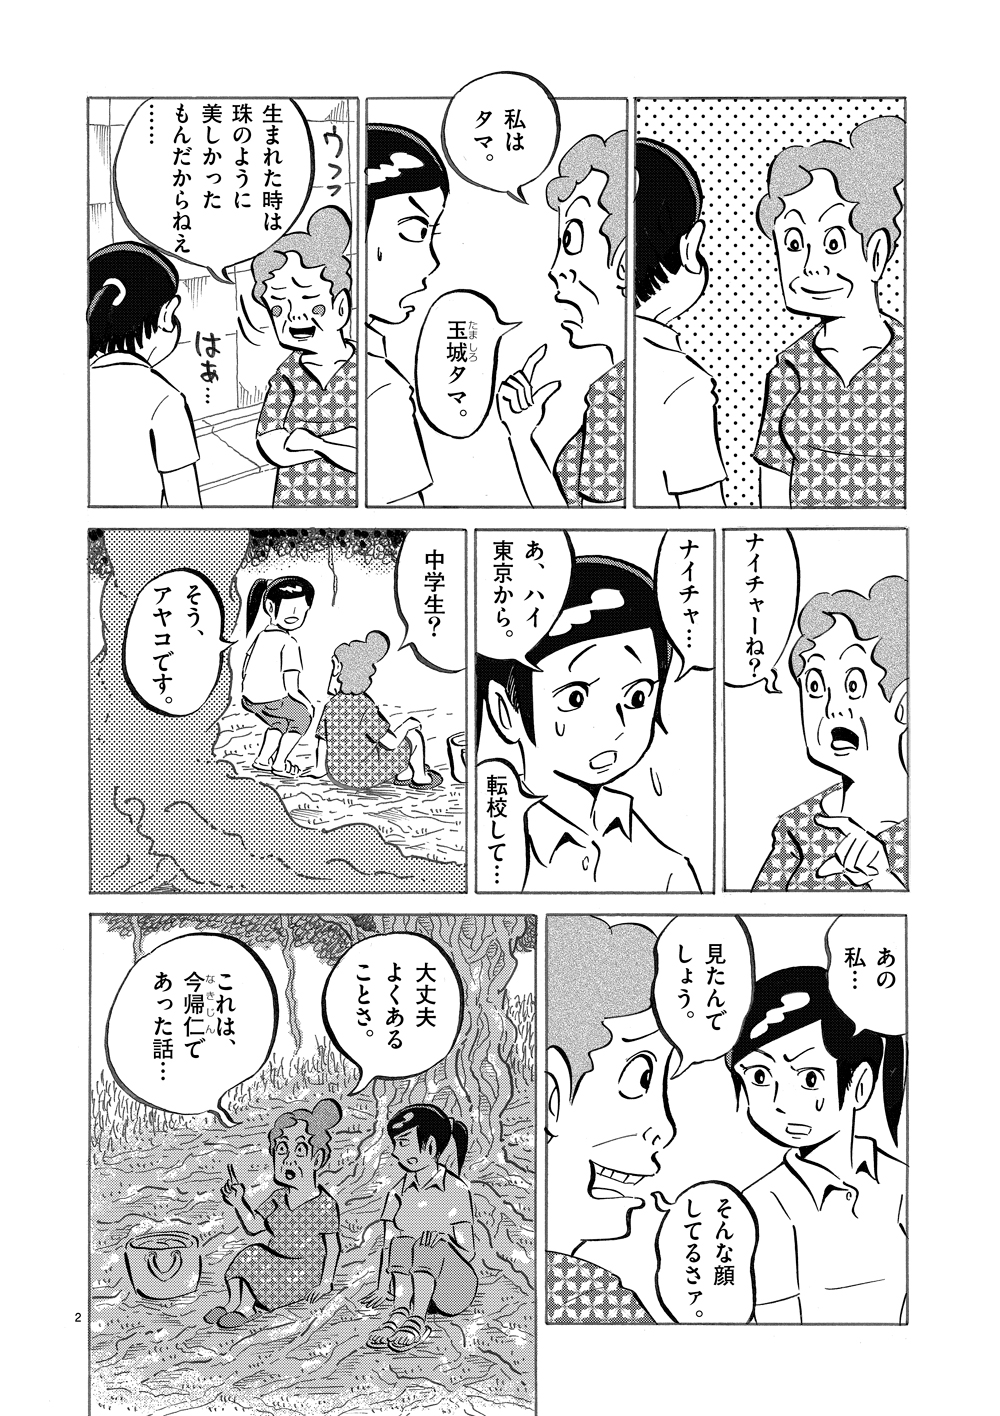 琉球怪談 【第1話】WEB掲載2ページ目画像